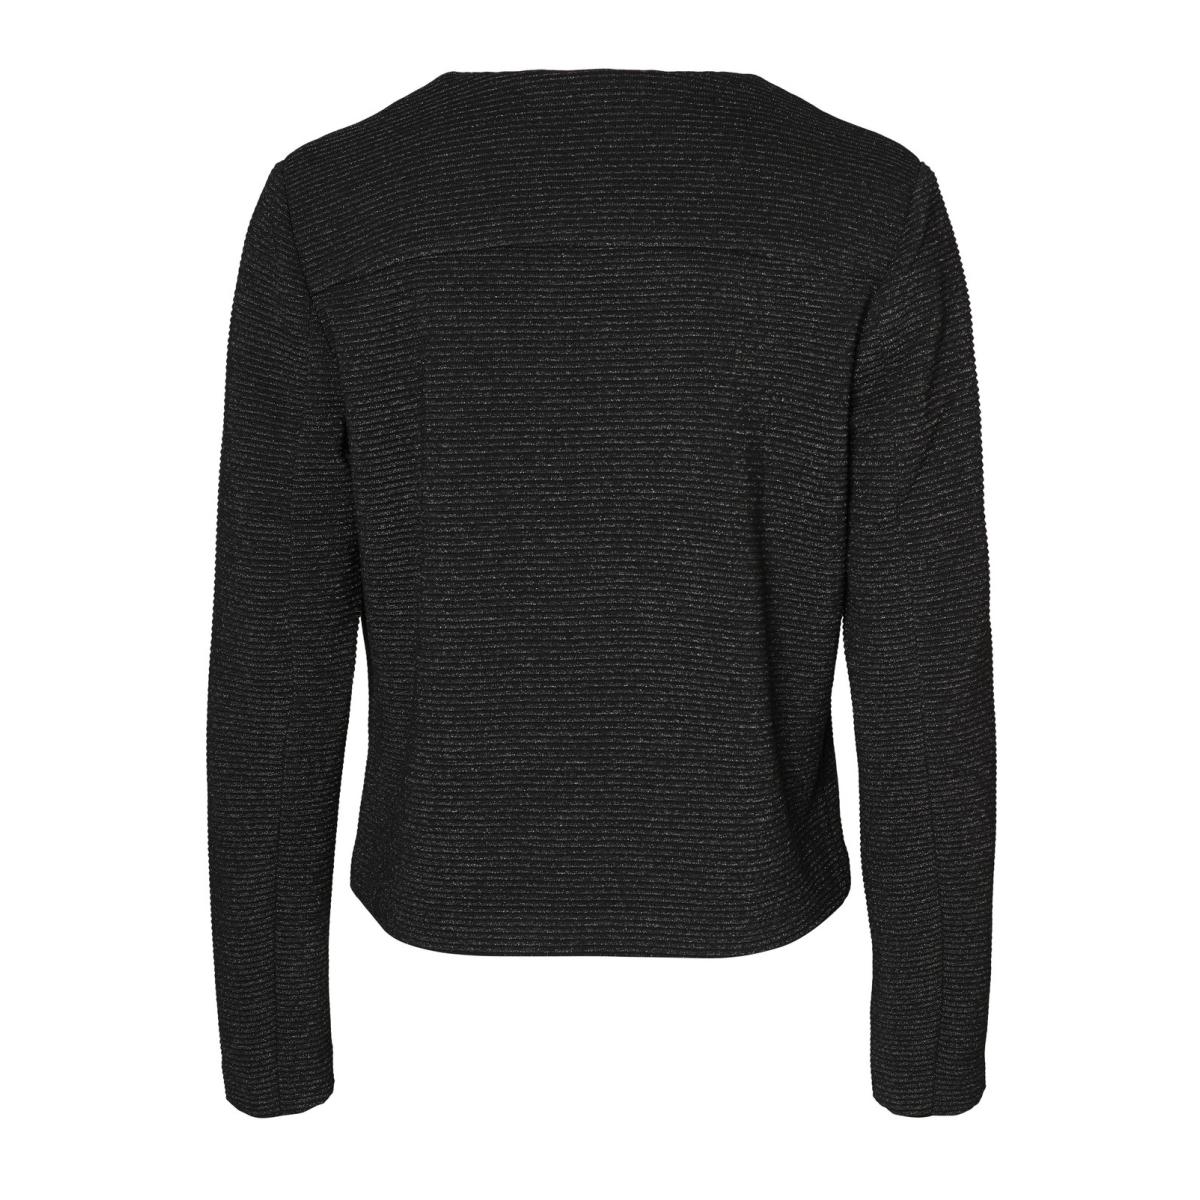 vmeva ls blazer jrs 10187830 vero moda vest black/white silver